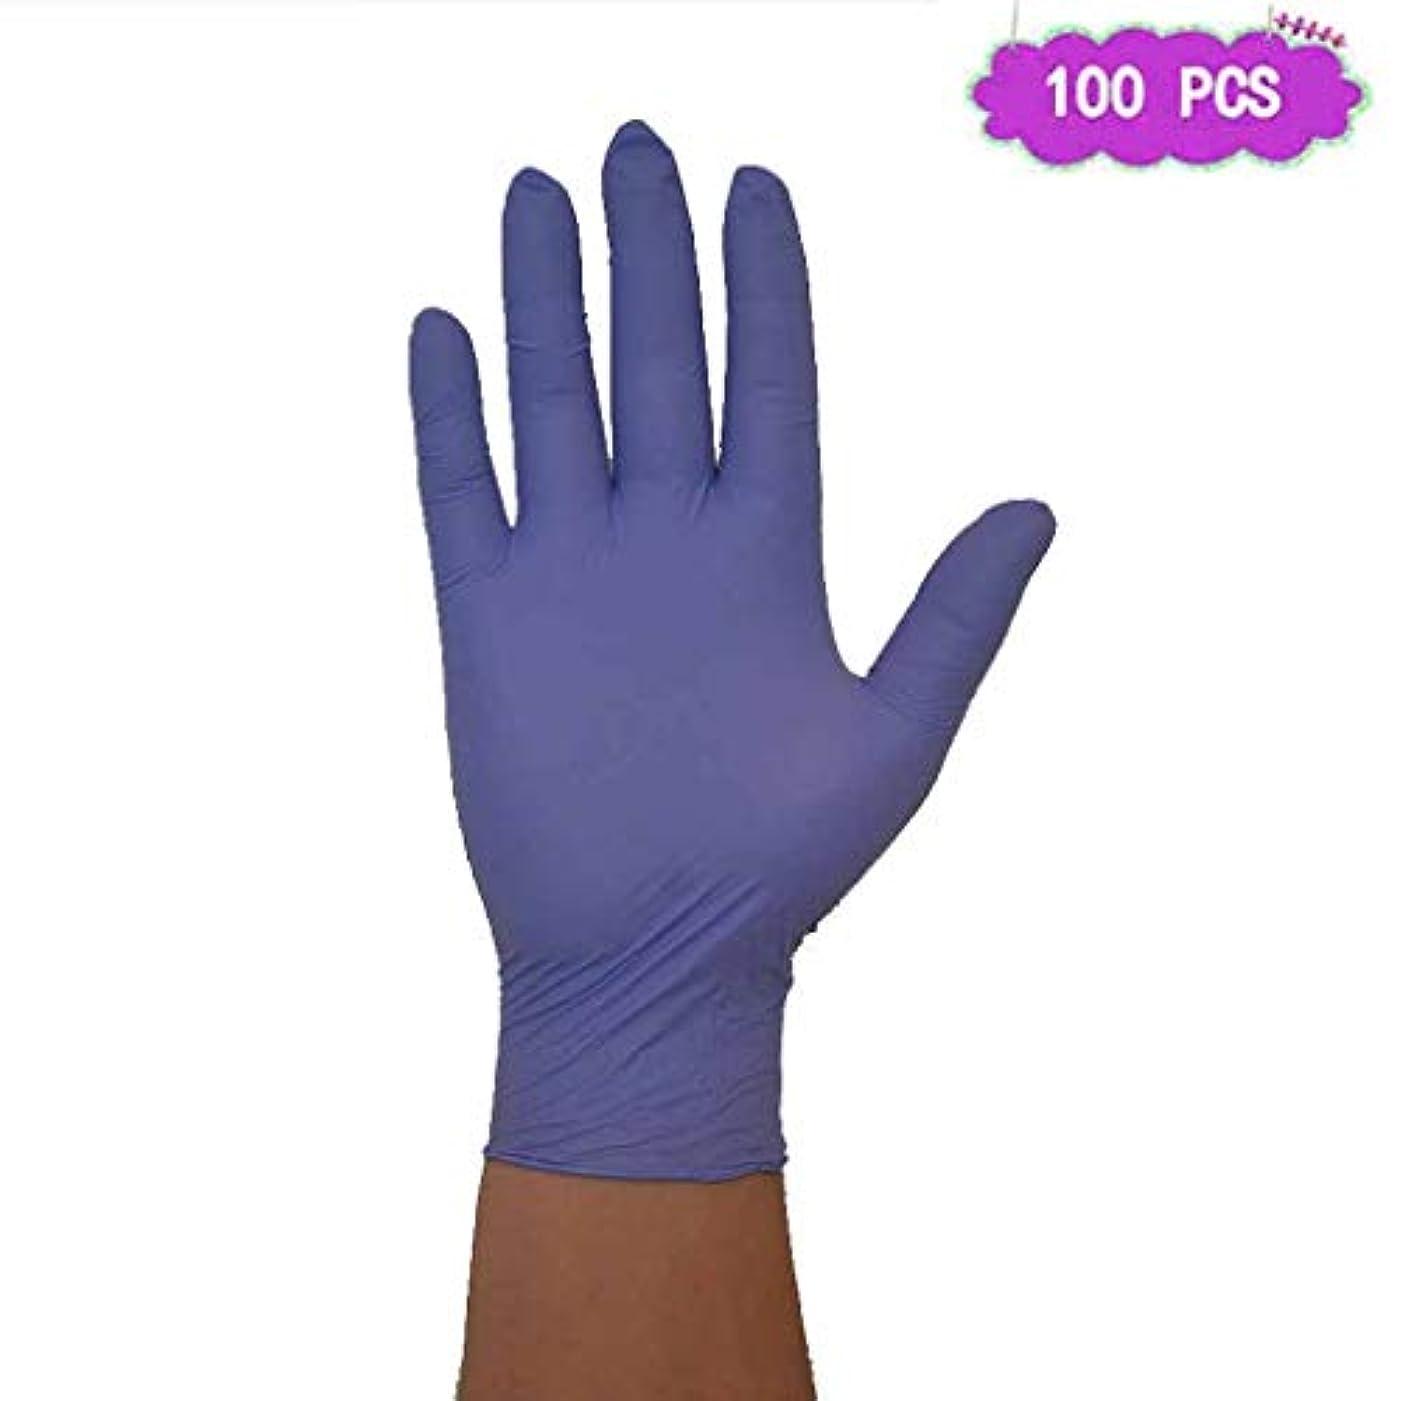 ディンカルビル風変わりな欲望ニトリル手袋9インチパープルラテックスフードキッチンケータリングケータリングとアルカリ義務試験手袋|病院、法執行機関向けのプロフェッショナルグレード (Size : L)